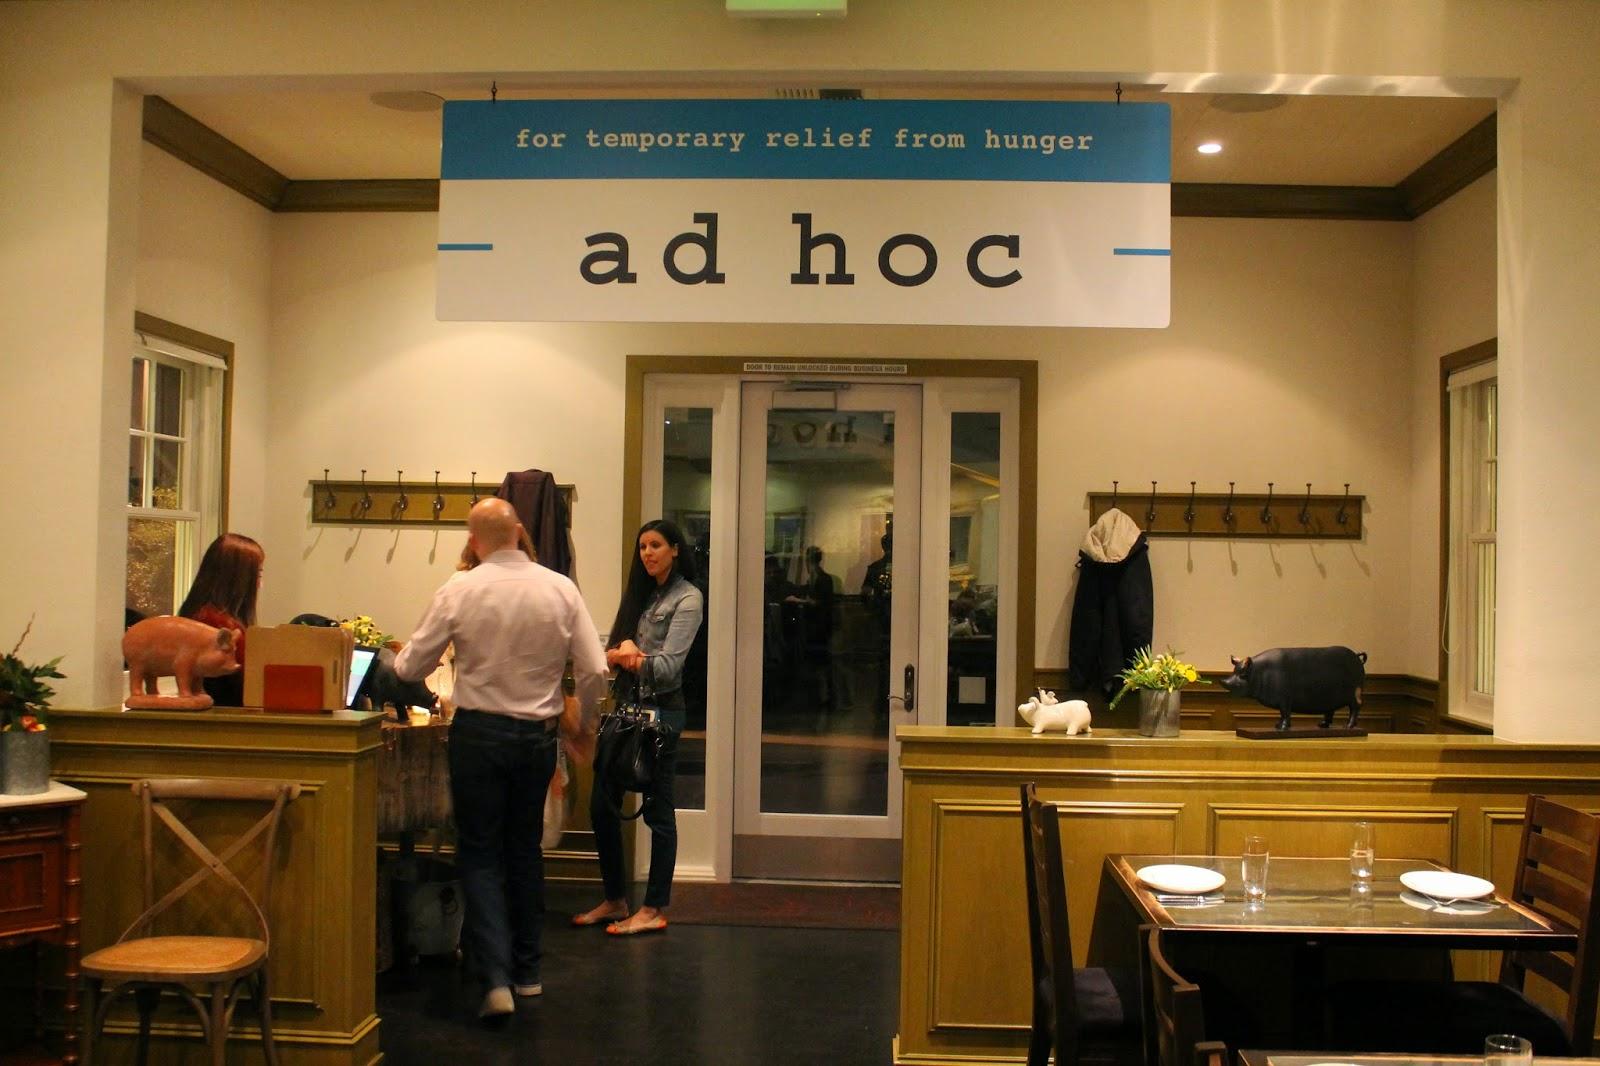 ad hoc interior.jpg